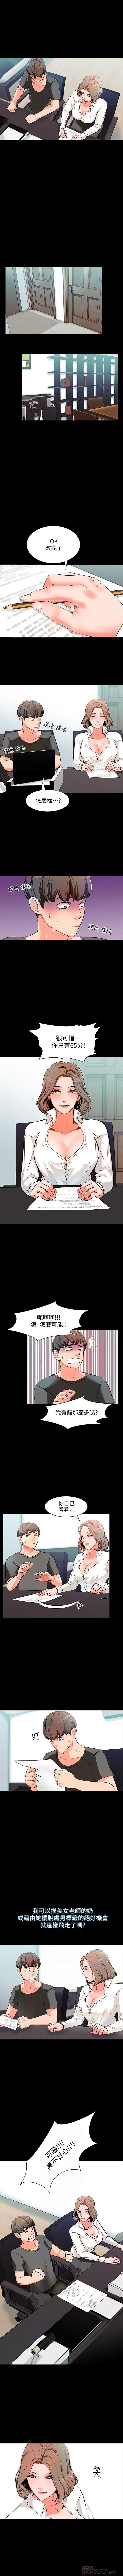 (周1)家教老师  1-13 中文翻译 (更新中) 10